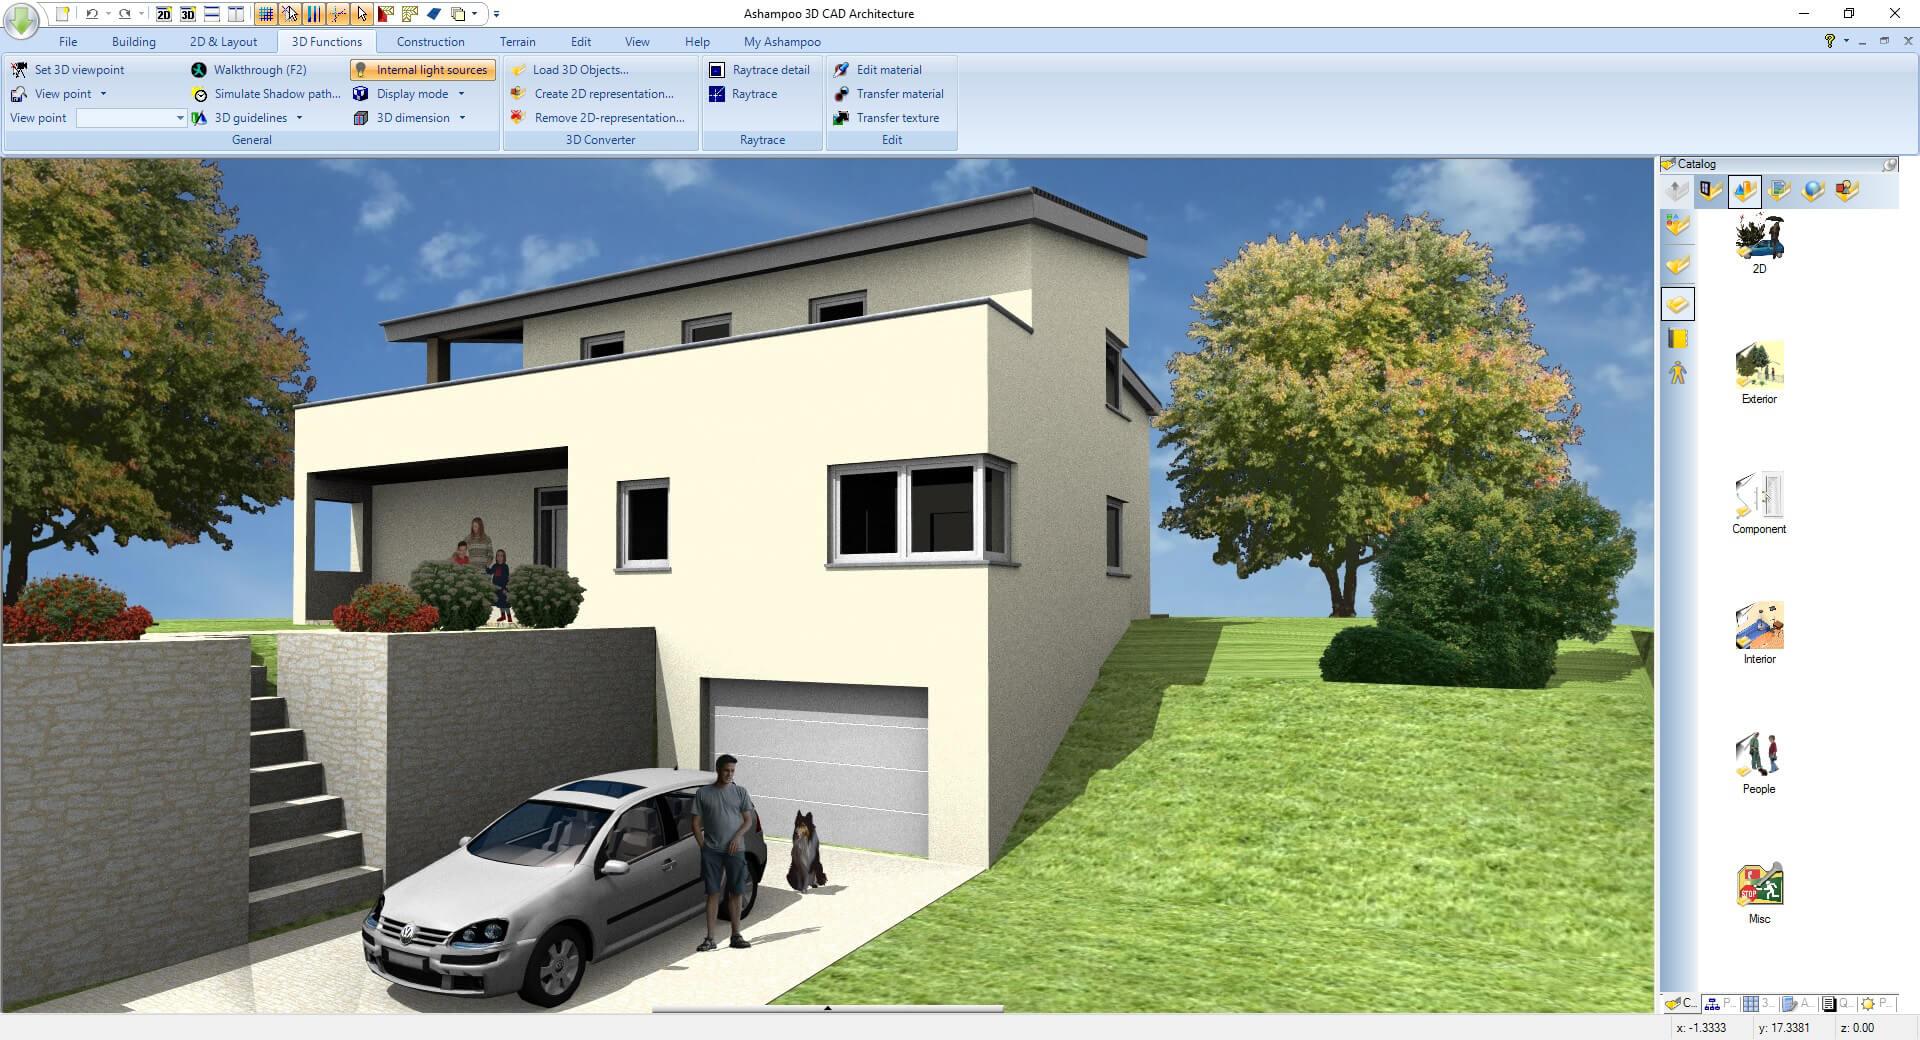 Capture d'écran Ashampoo 3D CAD Architecture 6